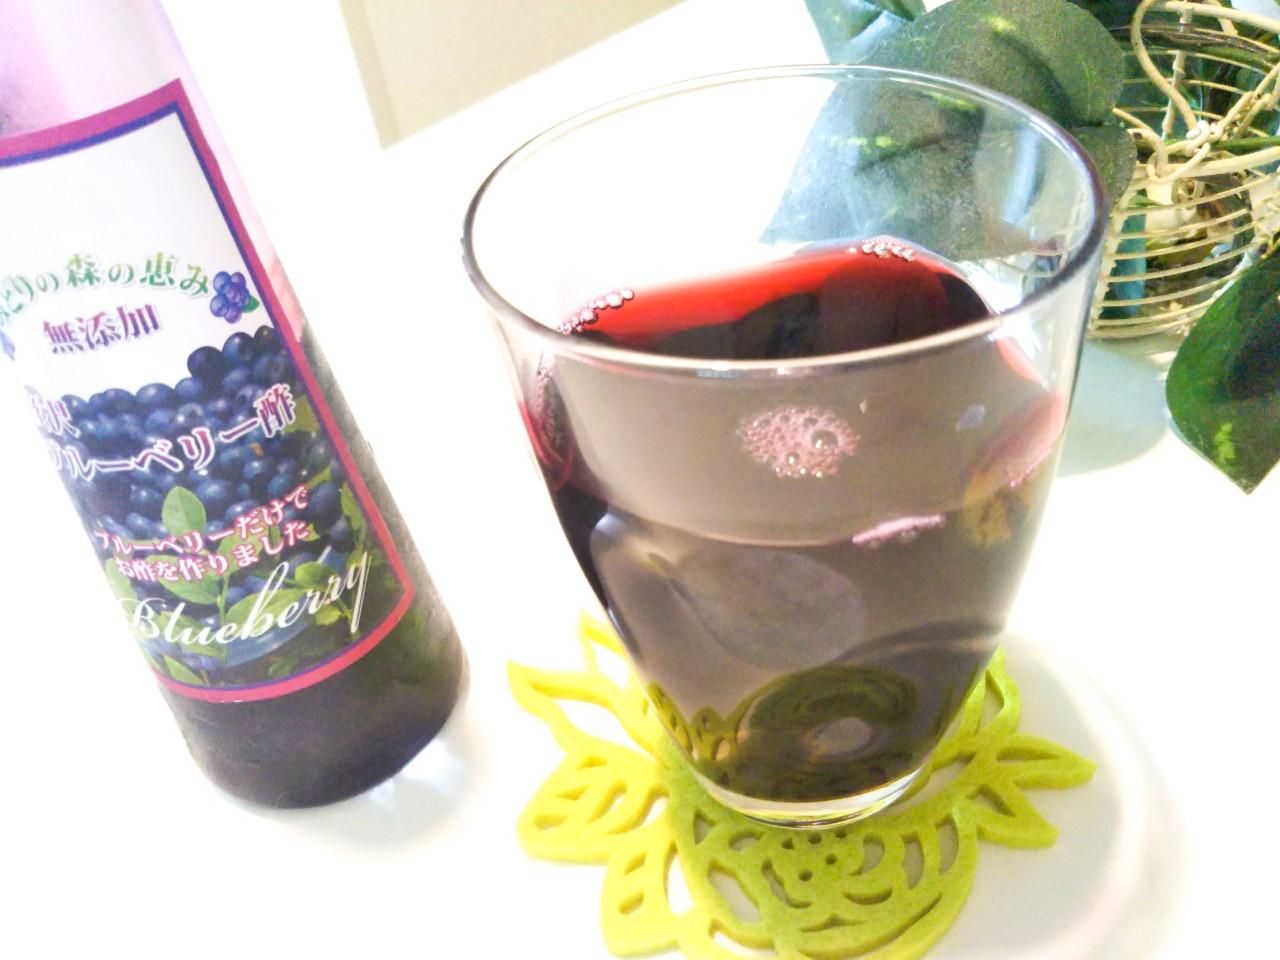 ブルーベリー酢 (3)